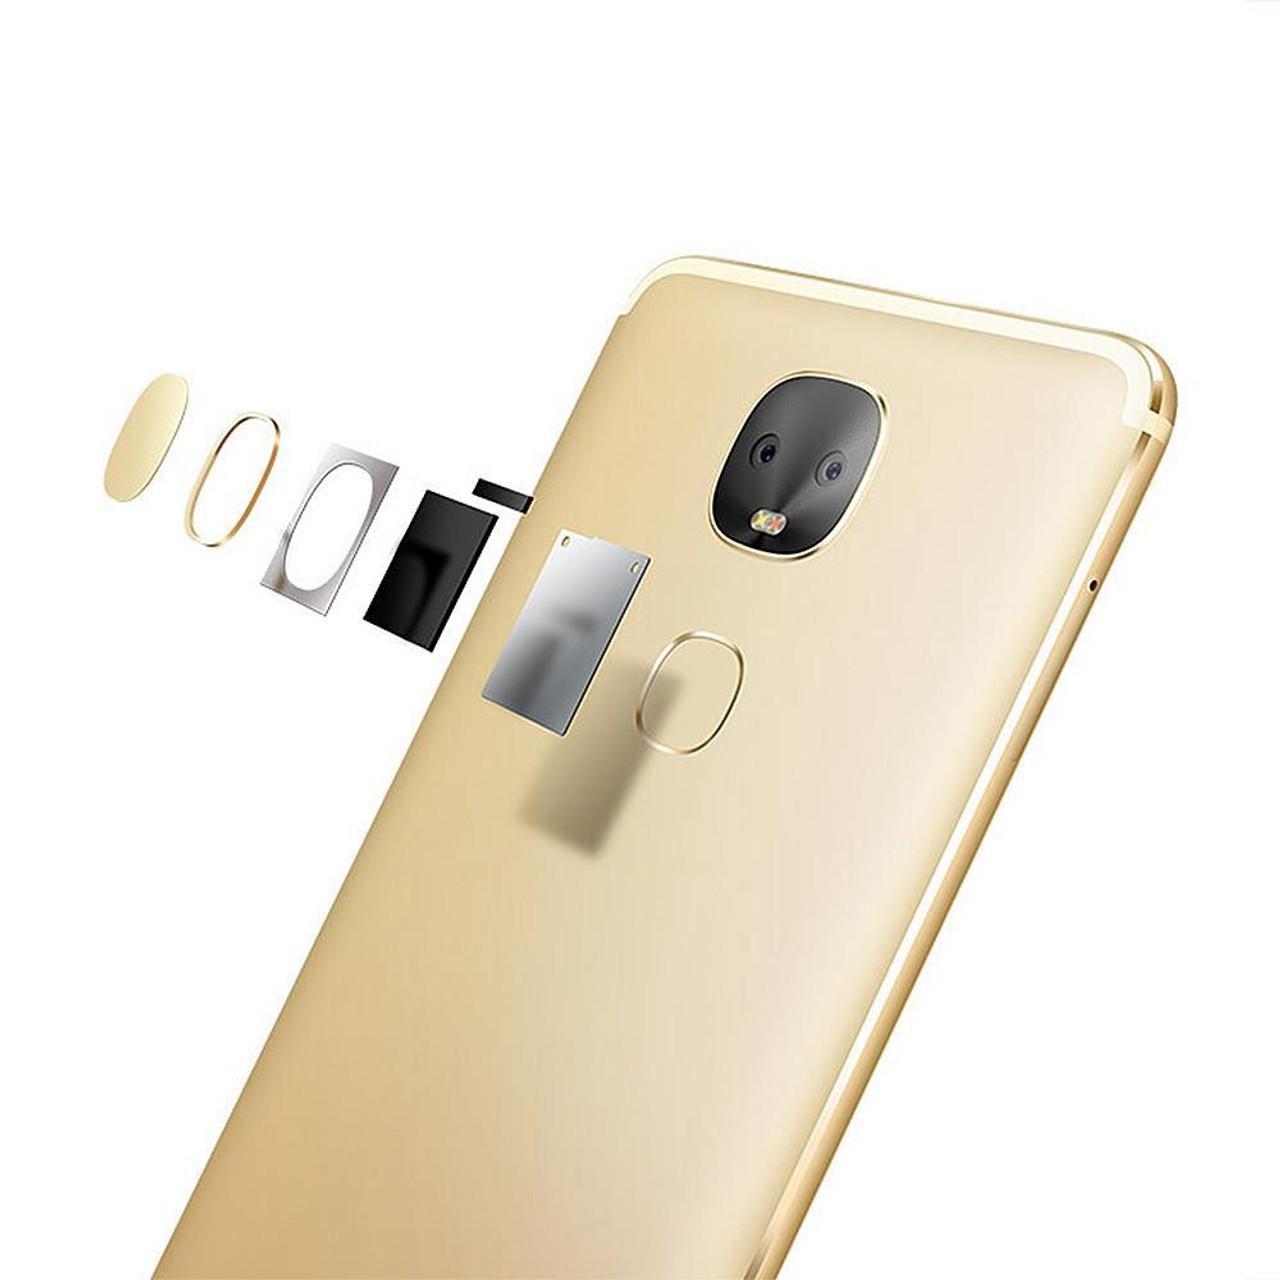 64727d0bb27a ... LeTV LeEco Le Pro 3 AI X650 4GB 64GB 5.5 Inch 4G LTE Smartphone Helio  X27 ...